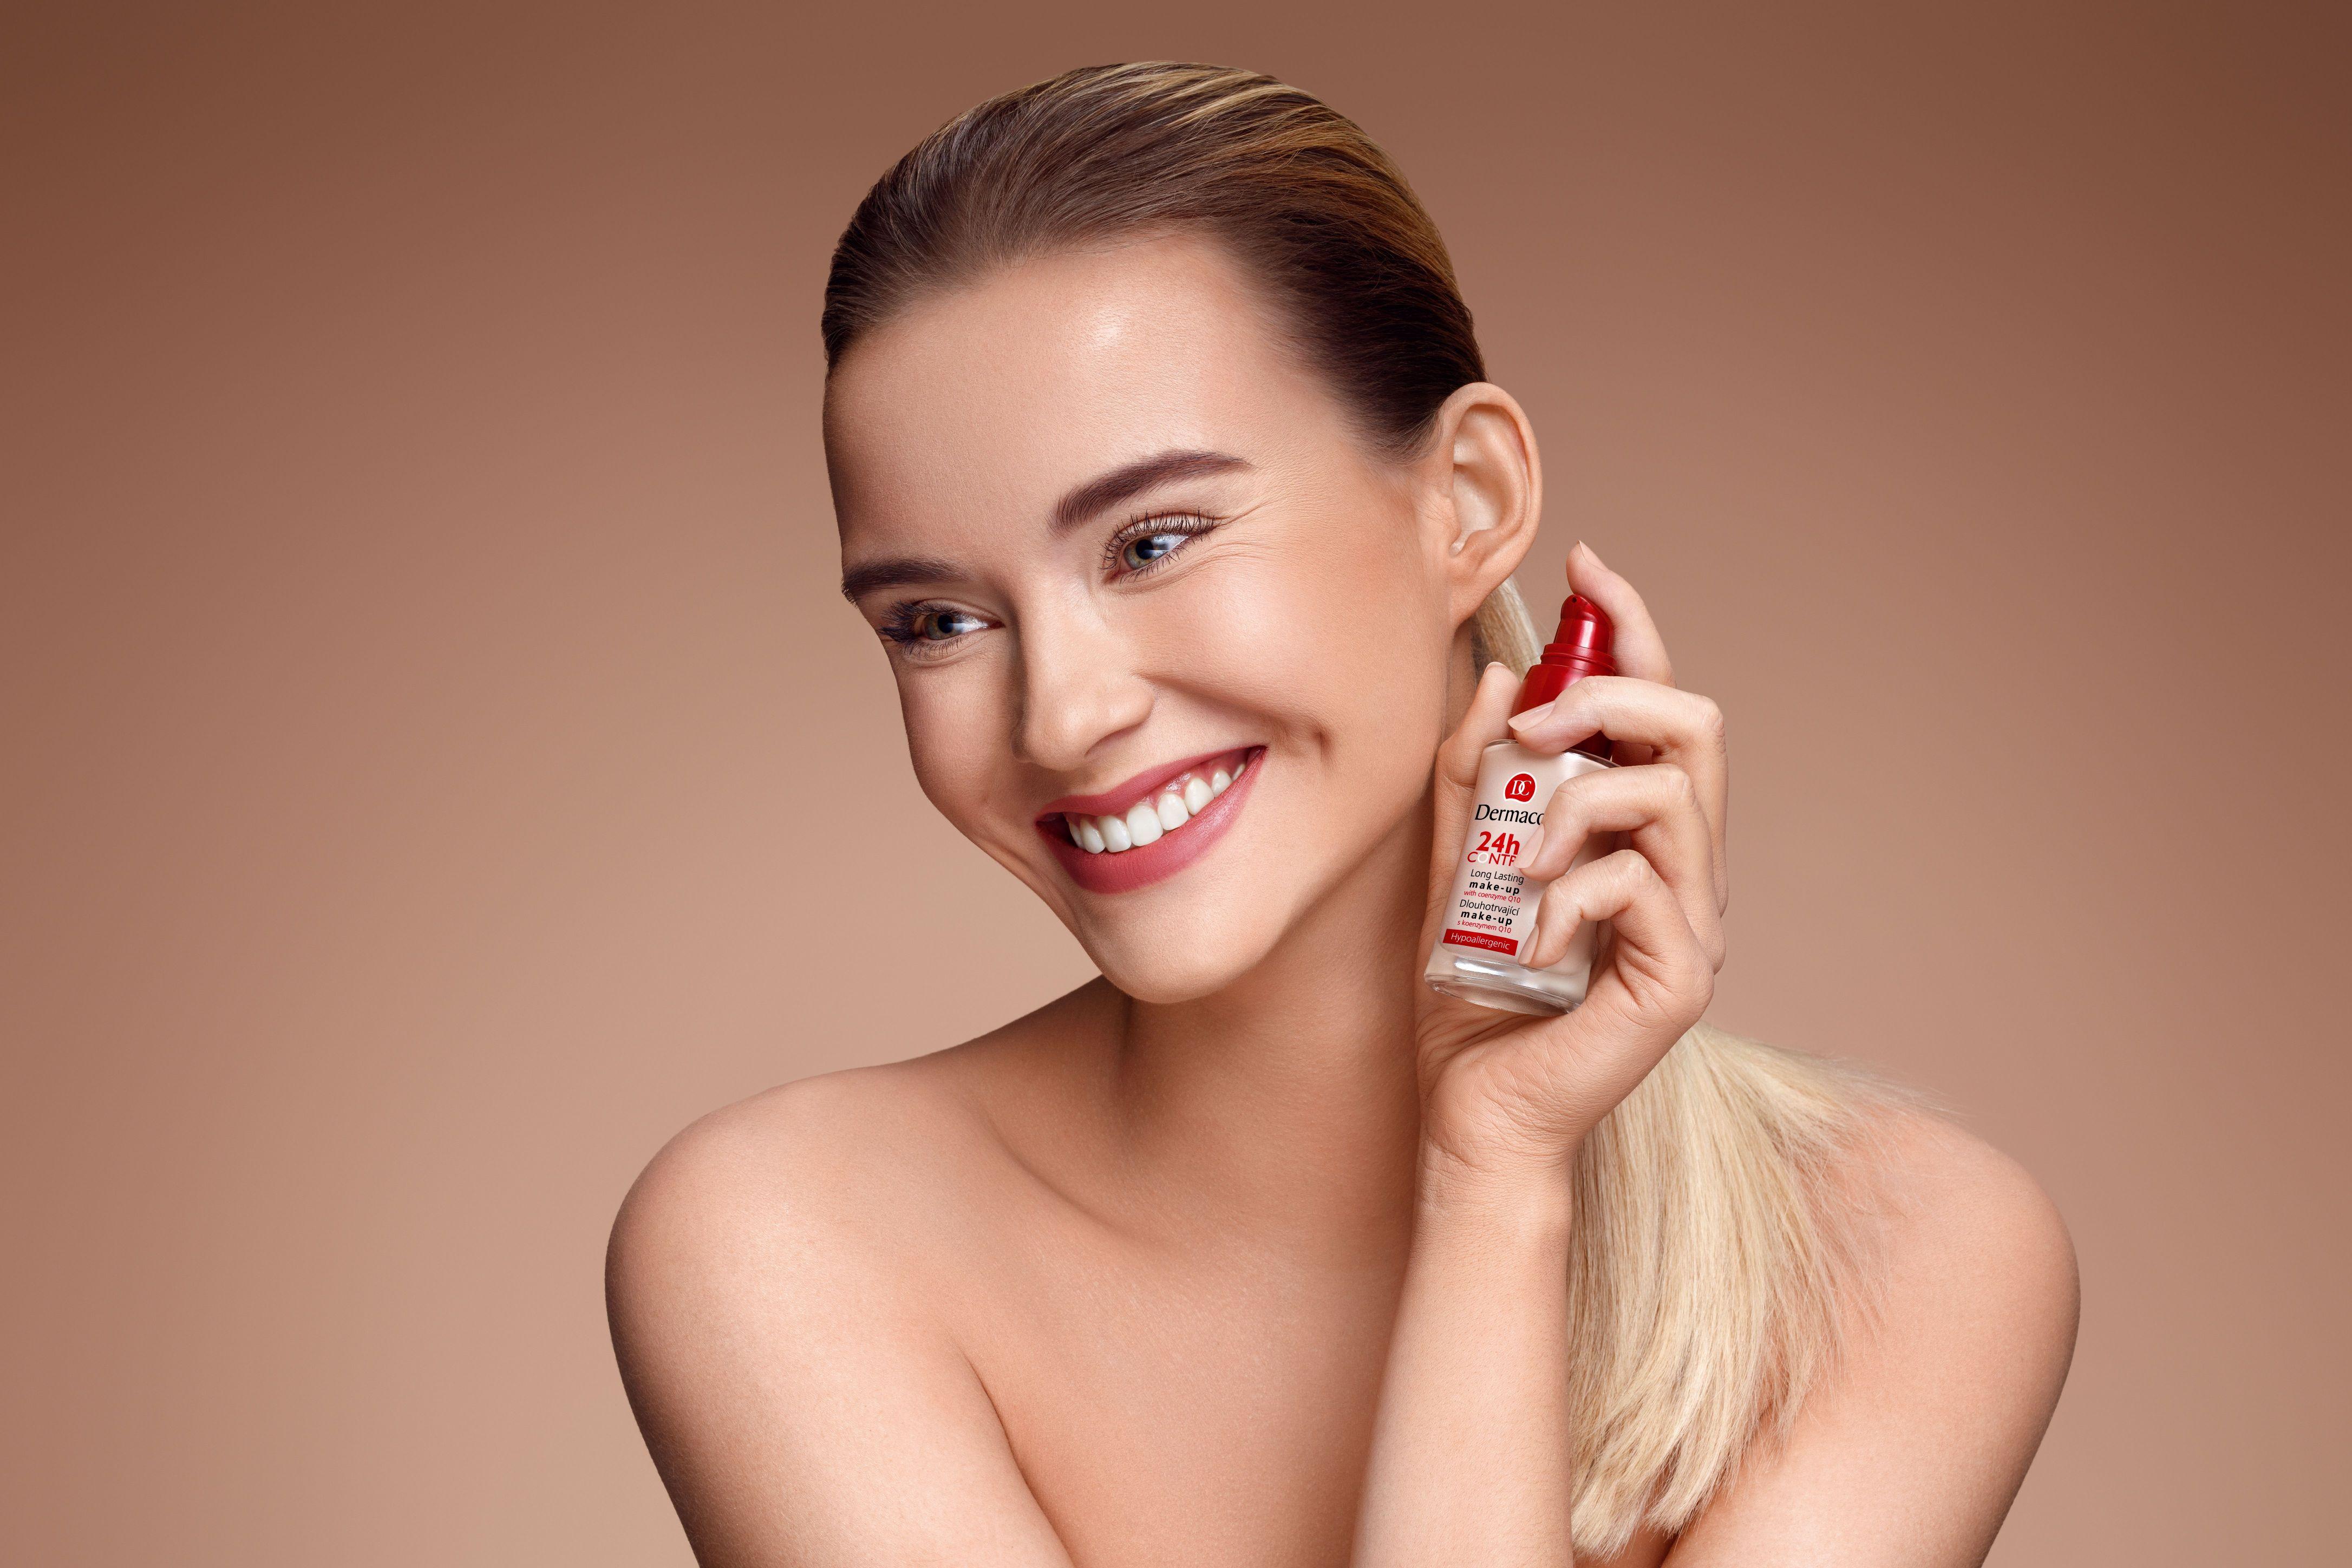 5_Nejoblíbenějším make-upem značky Dermacol je u českých dívek a žen dlouhotrvající 24 H Control_foto Dermacol_repro zdarma